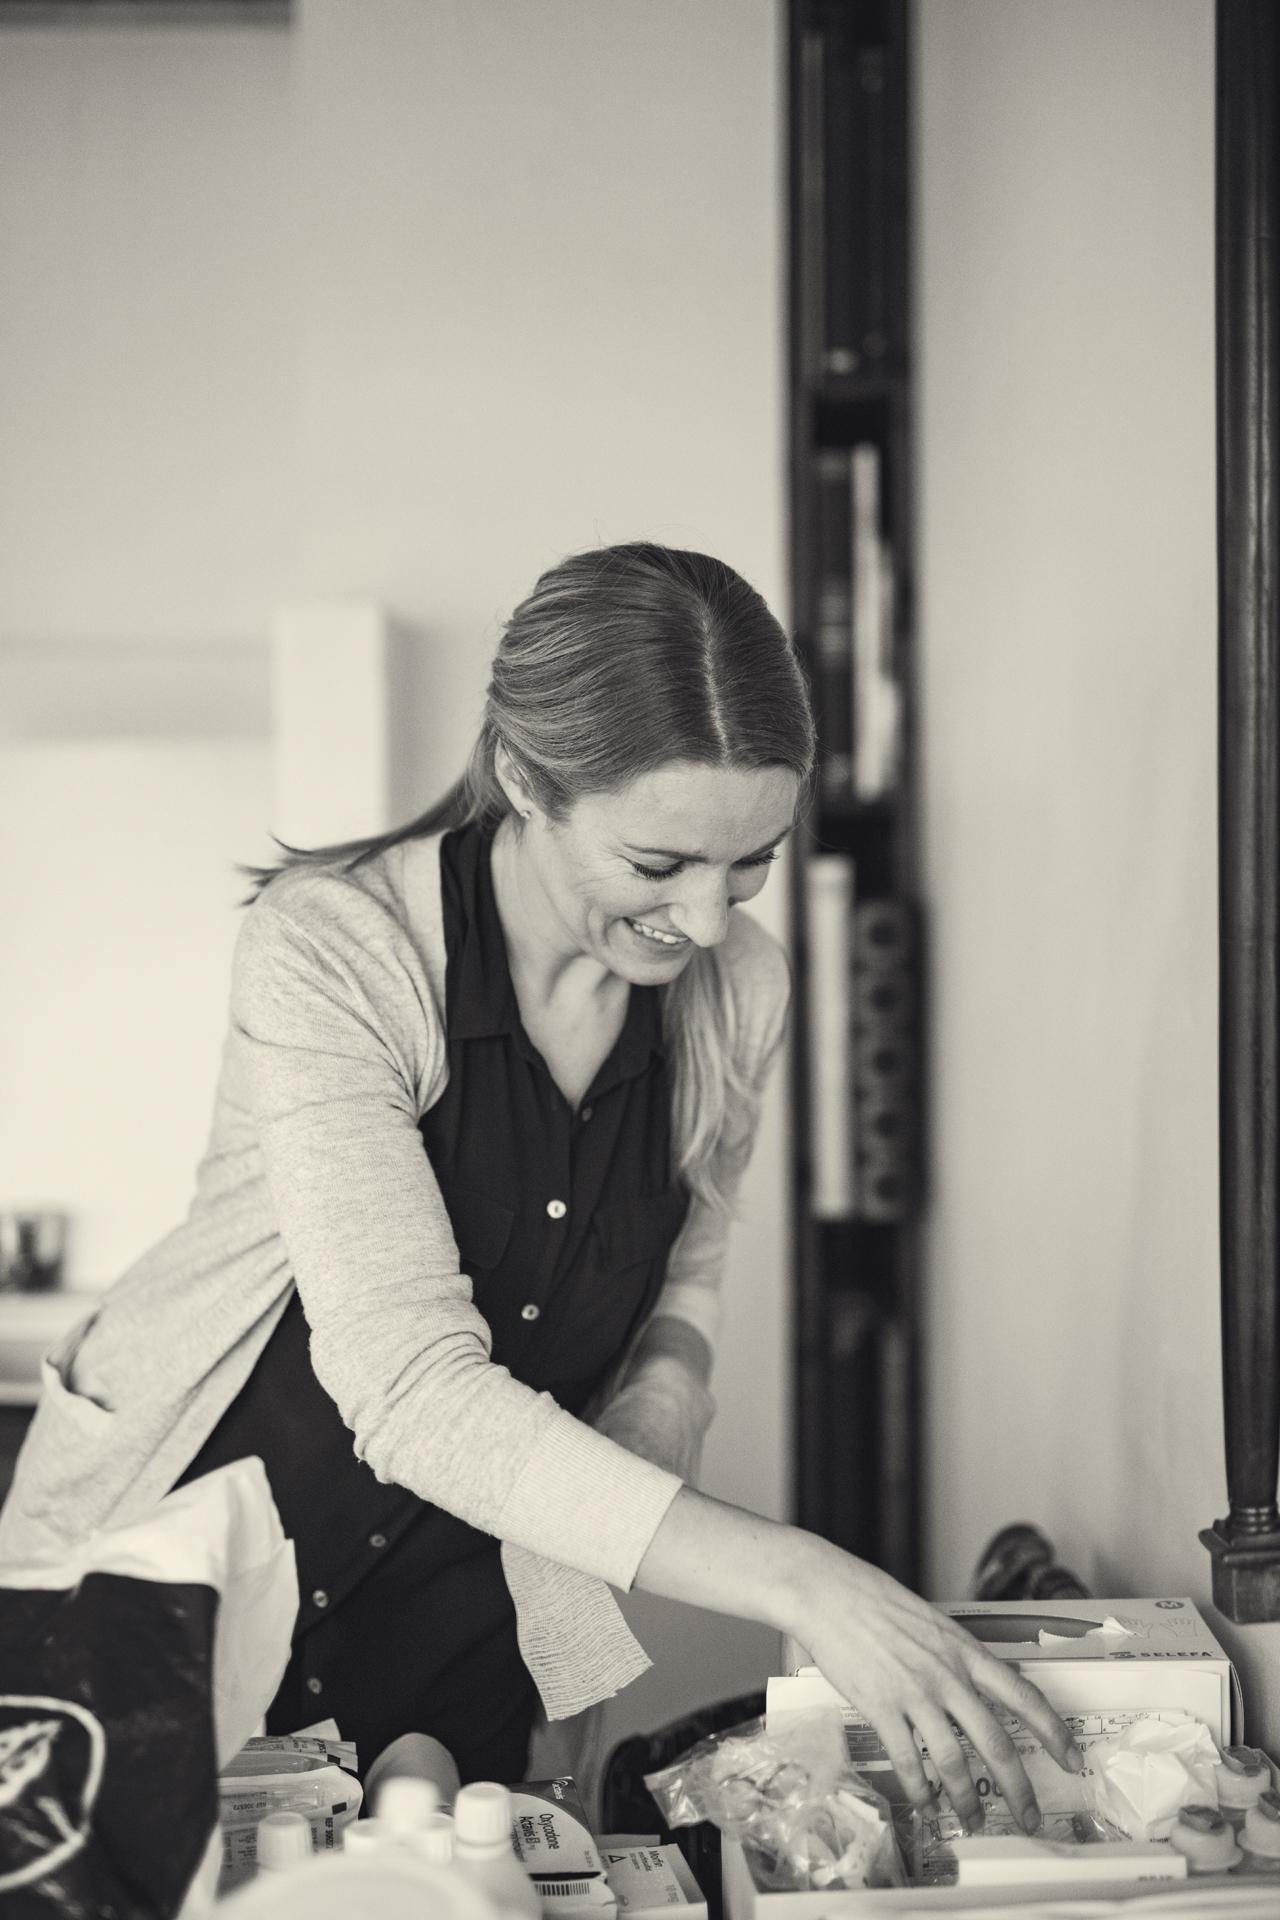 Sykepleier Anne Kristine på jobb